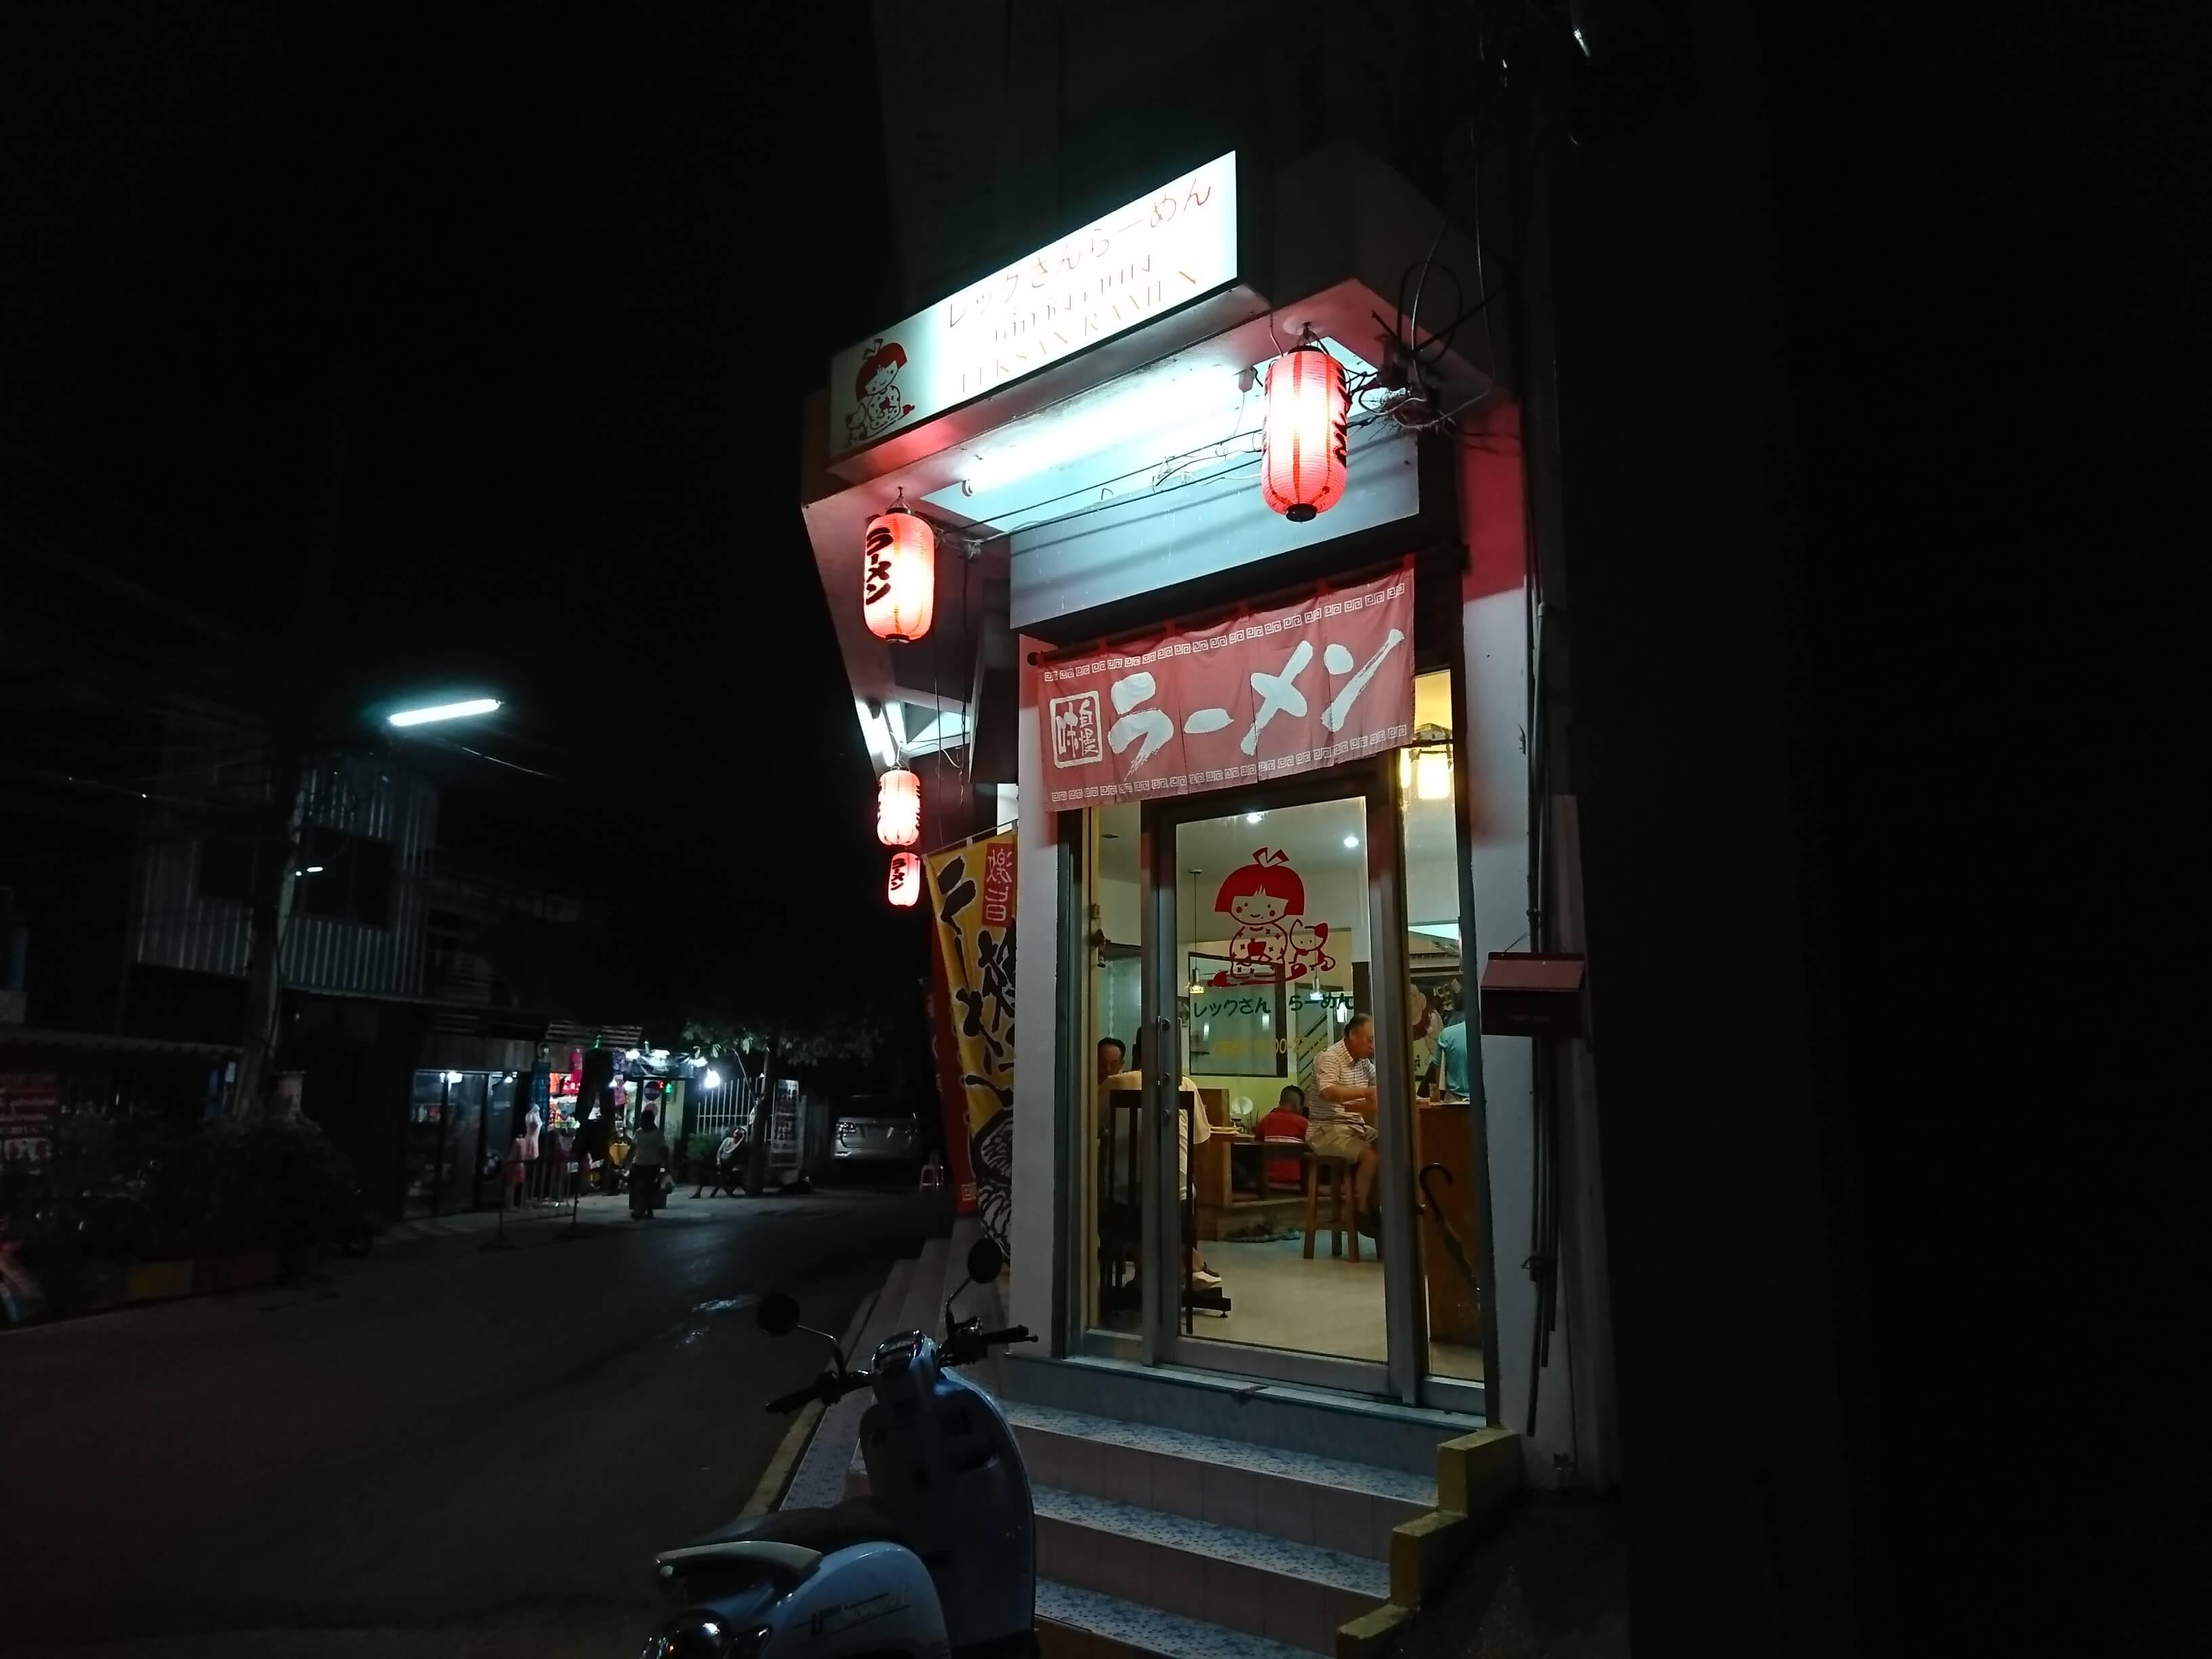 アユタヤで本格日本ラーメンを食べるならここ!「レックさんらーめん」